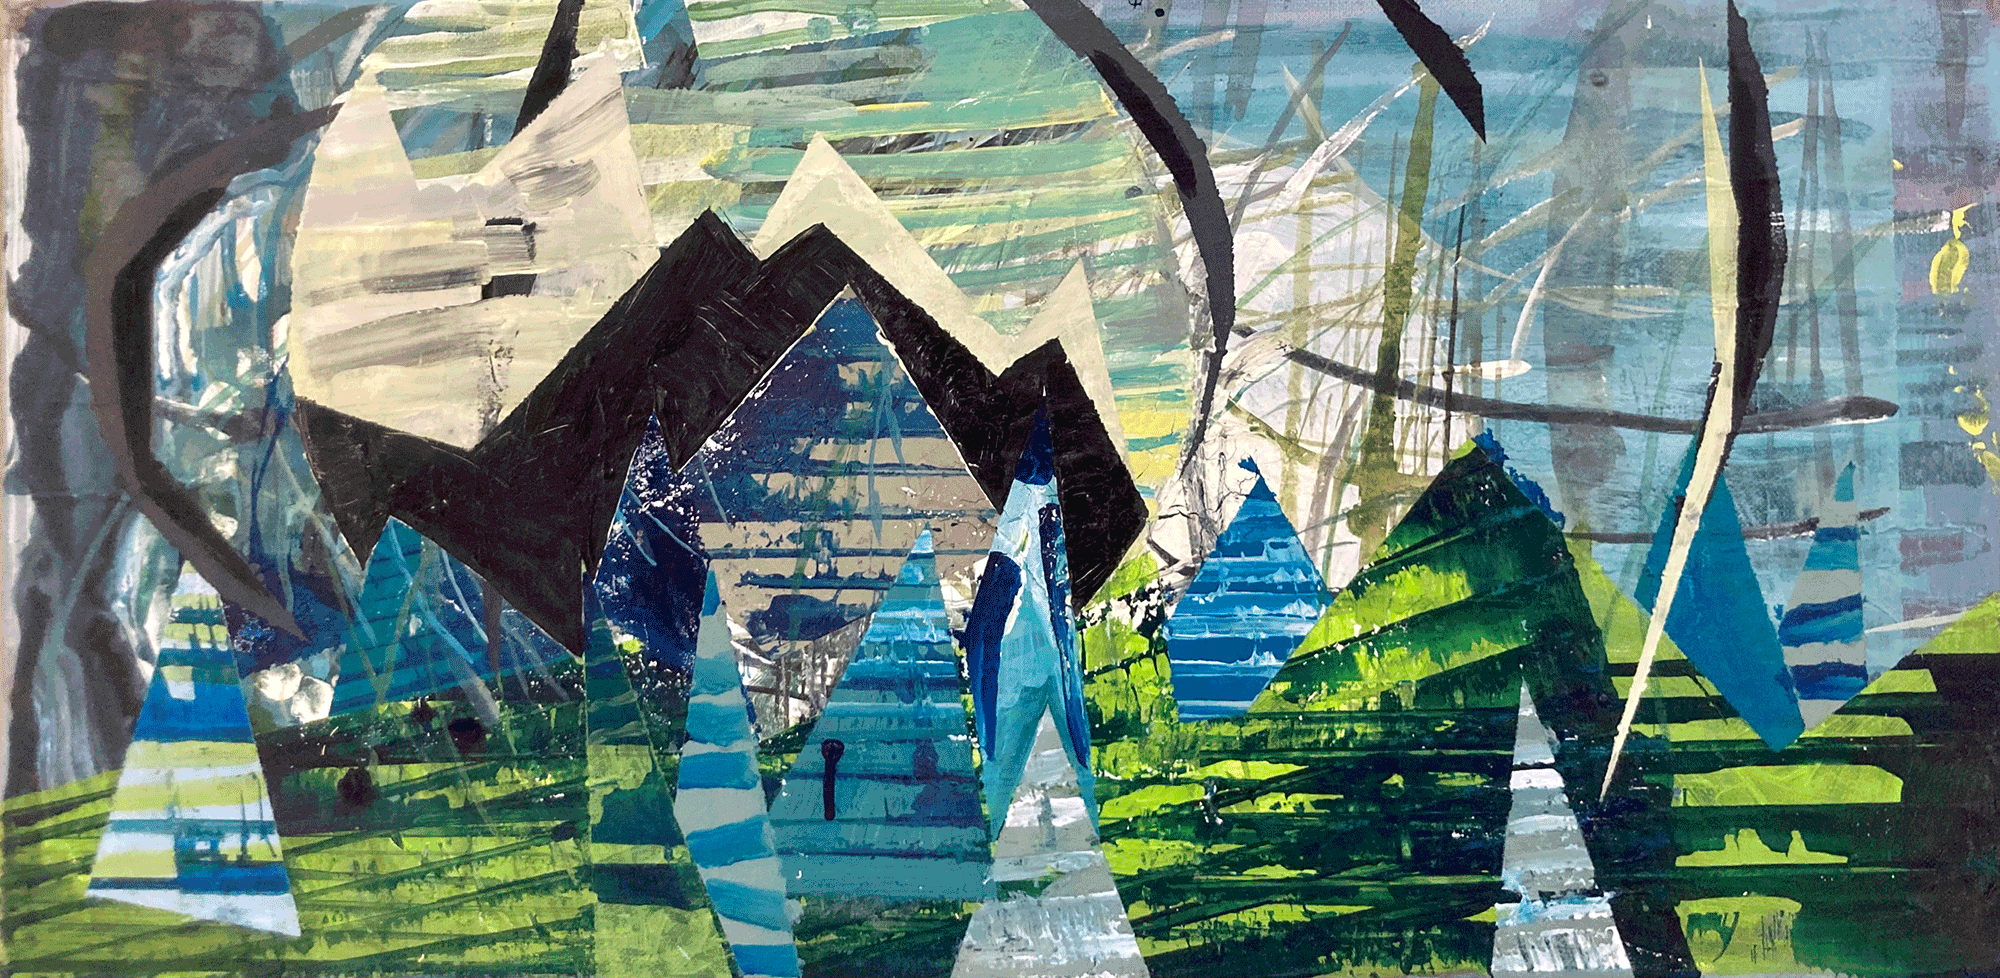 Yvonne Andreini, Landschaft, 2021, 15 x 30 cm, Tusche und Acryl auf Leinwand